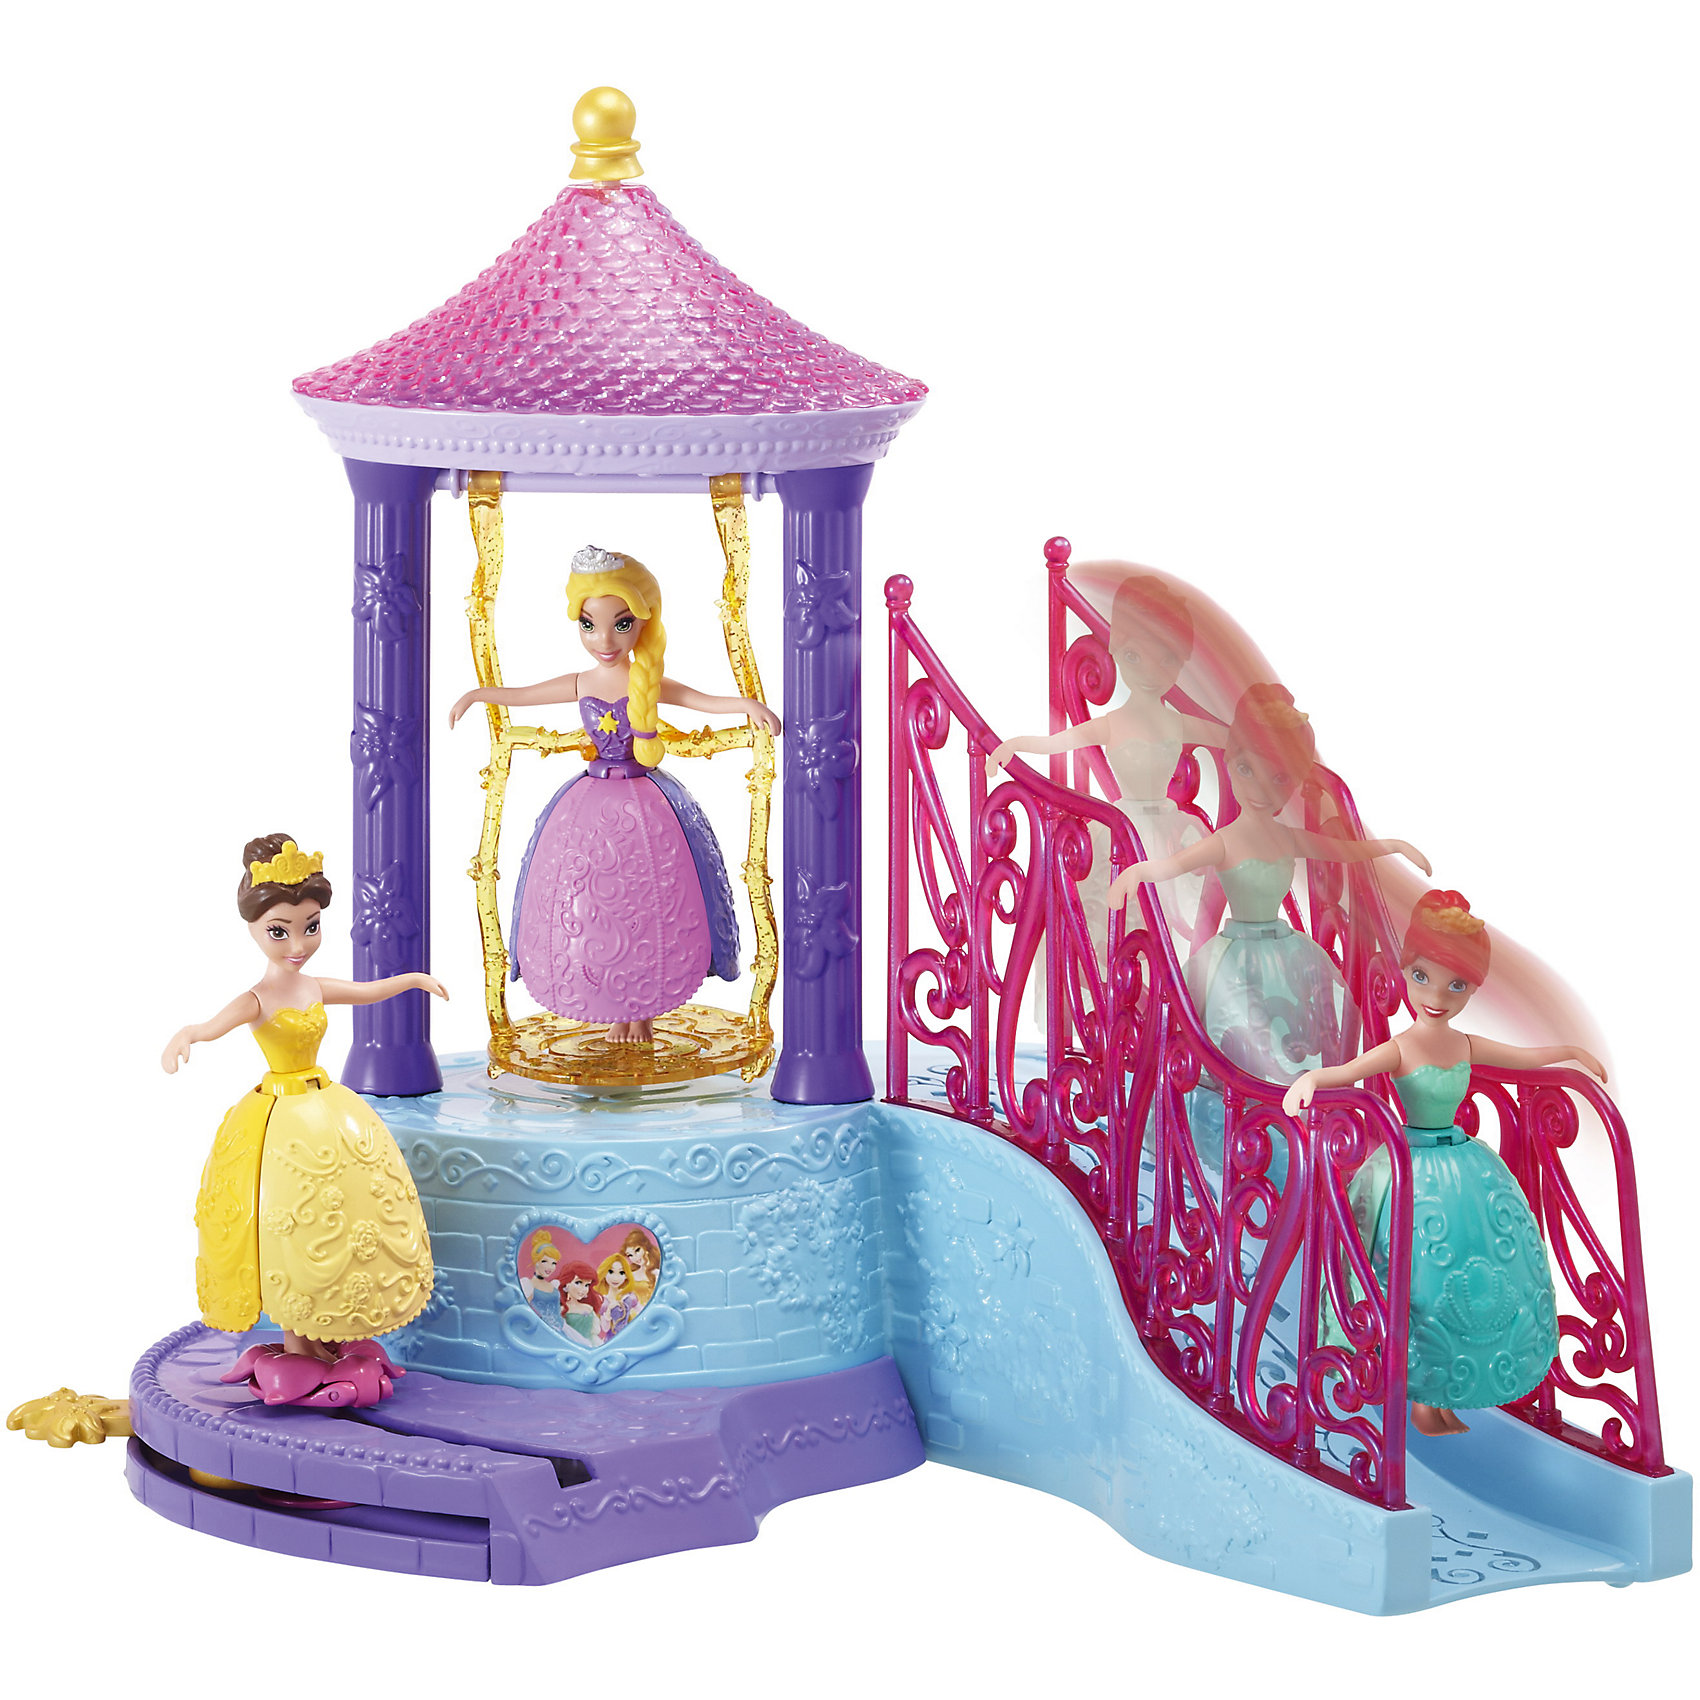 Принцесса c домиком и аксессуарами, Принцессы ДиснейПринцесса Ариэль обожает купаться. Налей воду в специальную чашу и наблюдай: прекрасное платье принцессы превращается в яркий цветок! Ариэль может свободно перемещаться по своему домику или же качаться на золотых качелях. Прекрасный набор для всех поклонниц Disney princess. <br><br>Дополнительная информация:<br><br>- Материал: пластик.<br>- Размер упаковки: 28 x 37,5 x 30 см.<br>- Комплектация: кукла, домик, аксессуары. <br><br>Принцессу c домиком и аксессуарами, Принцессы Дисней (Disney princess) можно купить в нашем магазине.<br><br>Ширина мм: 280<br>Глубина мм: 375<br>Высота мм: 300<br>Вес г: 549<br>Возраст от месяцев: 36<br>Возраст до месяцев: 144<br>Пол: Женский<br>Возраст: Детский<br>SKU: 4228121